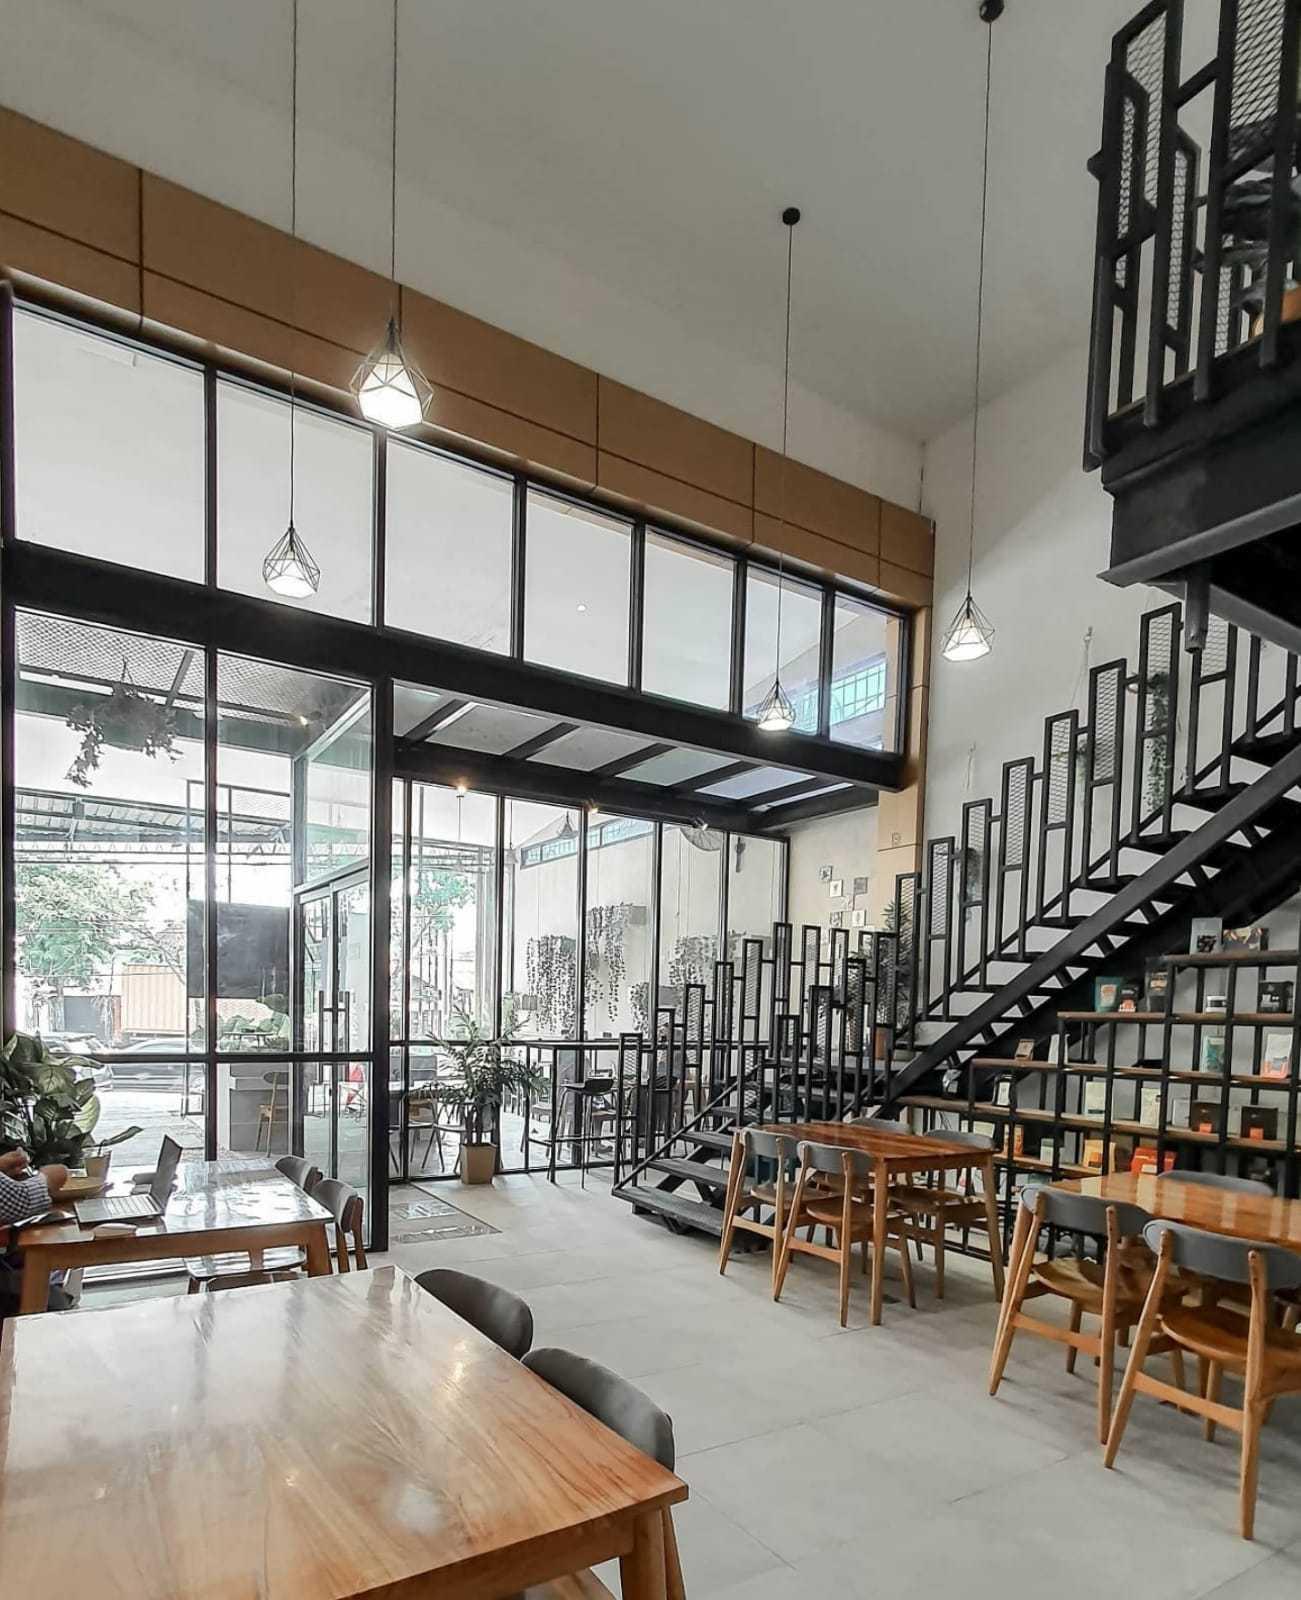 Fau Architects Athaya Coffee Pedurungan, Kota Semarang, Jawa Tengah, Indonesia Pedurungan, Kota Semarang, Jawa Tengah, Indonesia Fau-Architects-Athaya-Coffee   109041